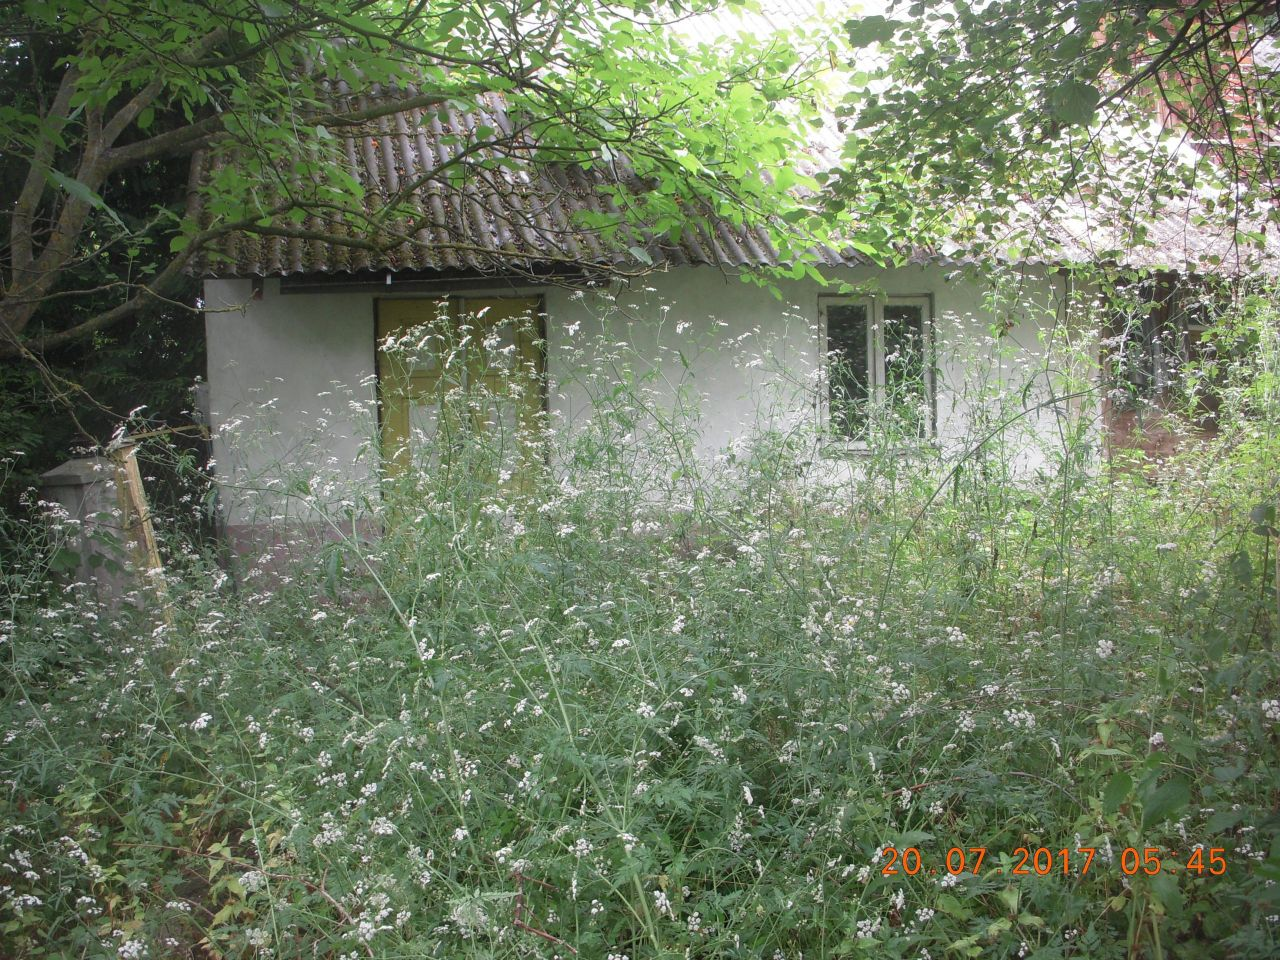 Działka rolna Tarnogóra-Kolonia